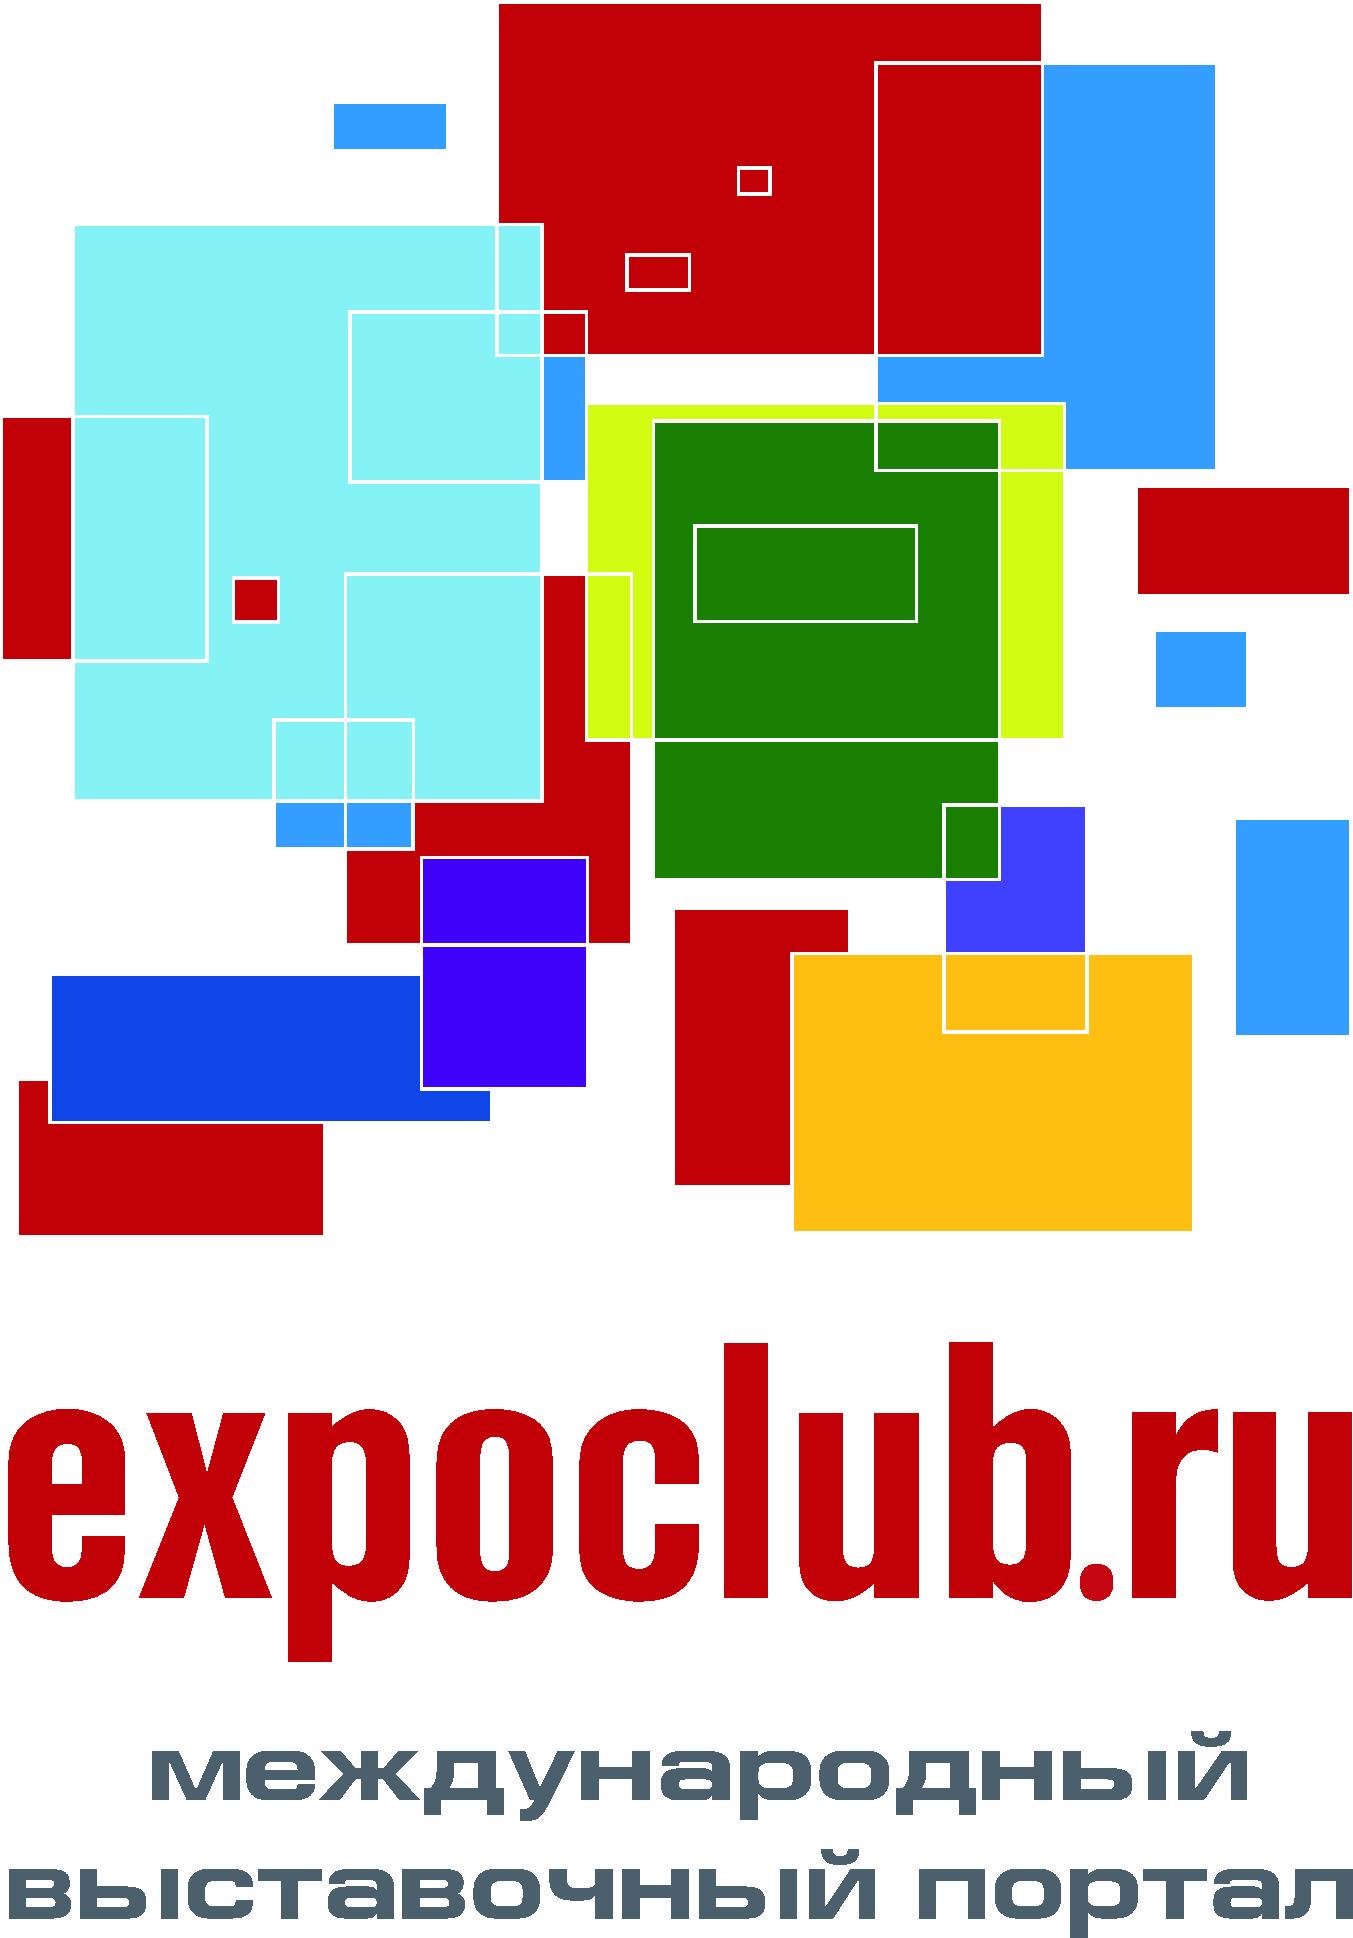 http://expoclub.ru